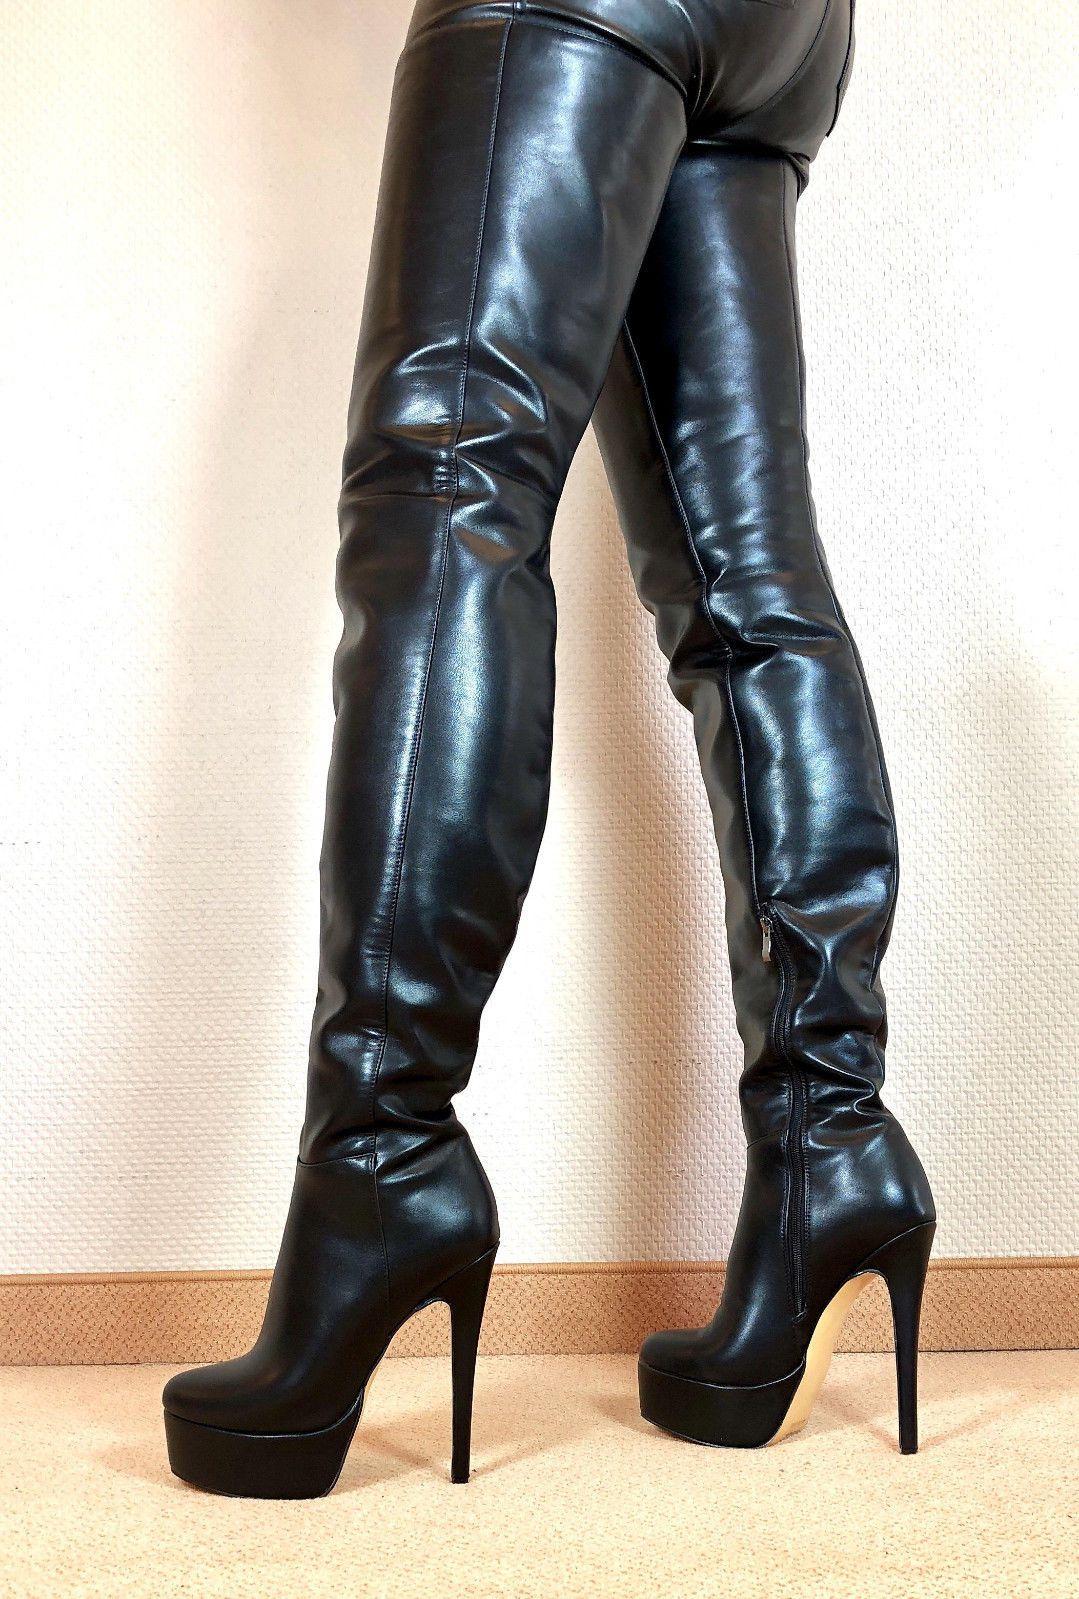 a7542f4212bd72 Exklusiv Sexy Damen Schuhe Overknee Stiletto Stiefel Männer Boots E9